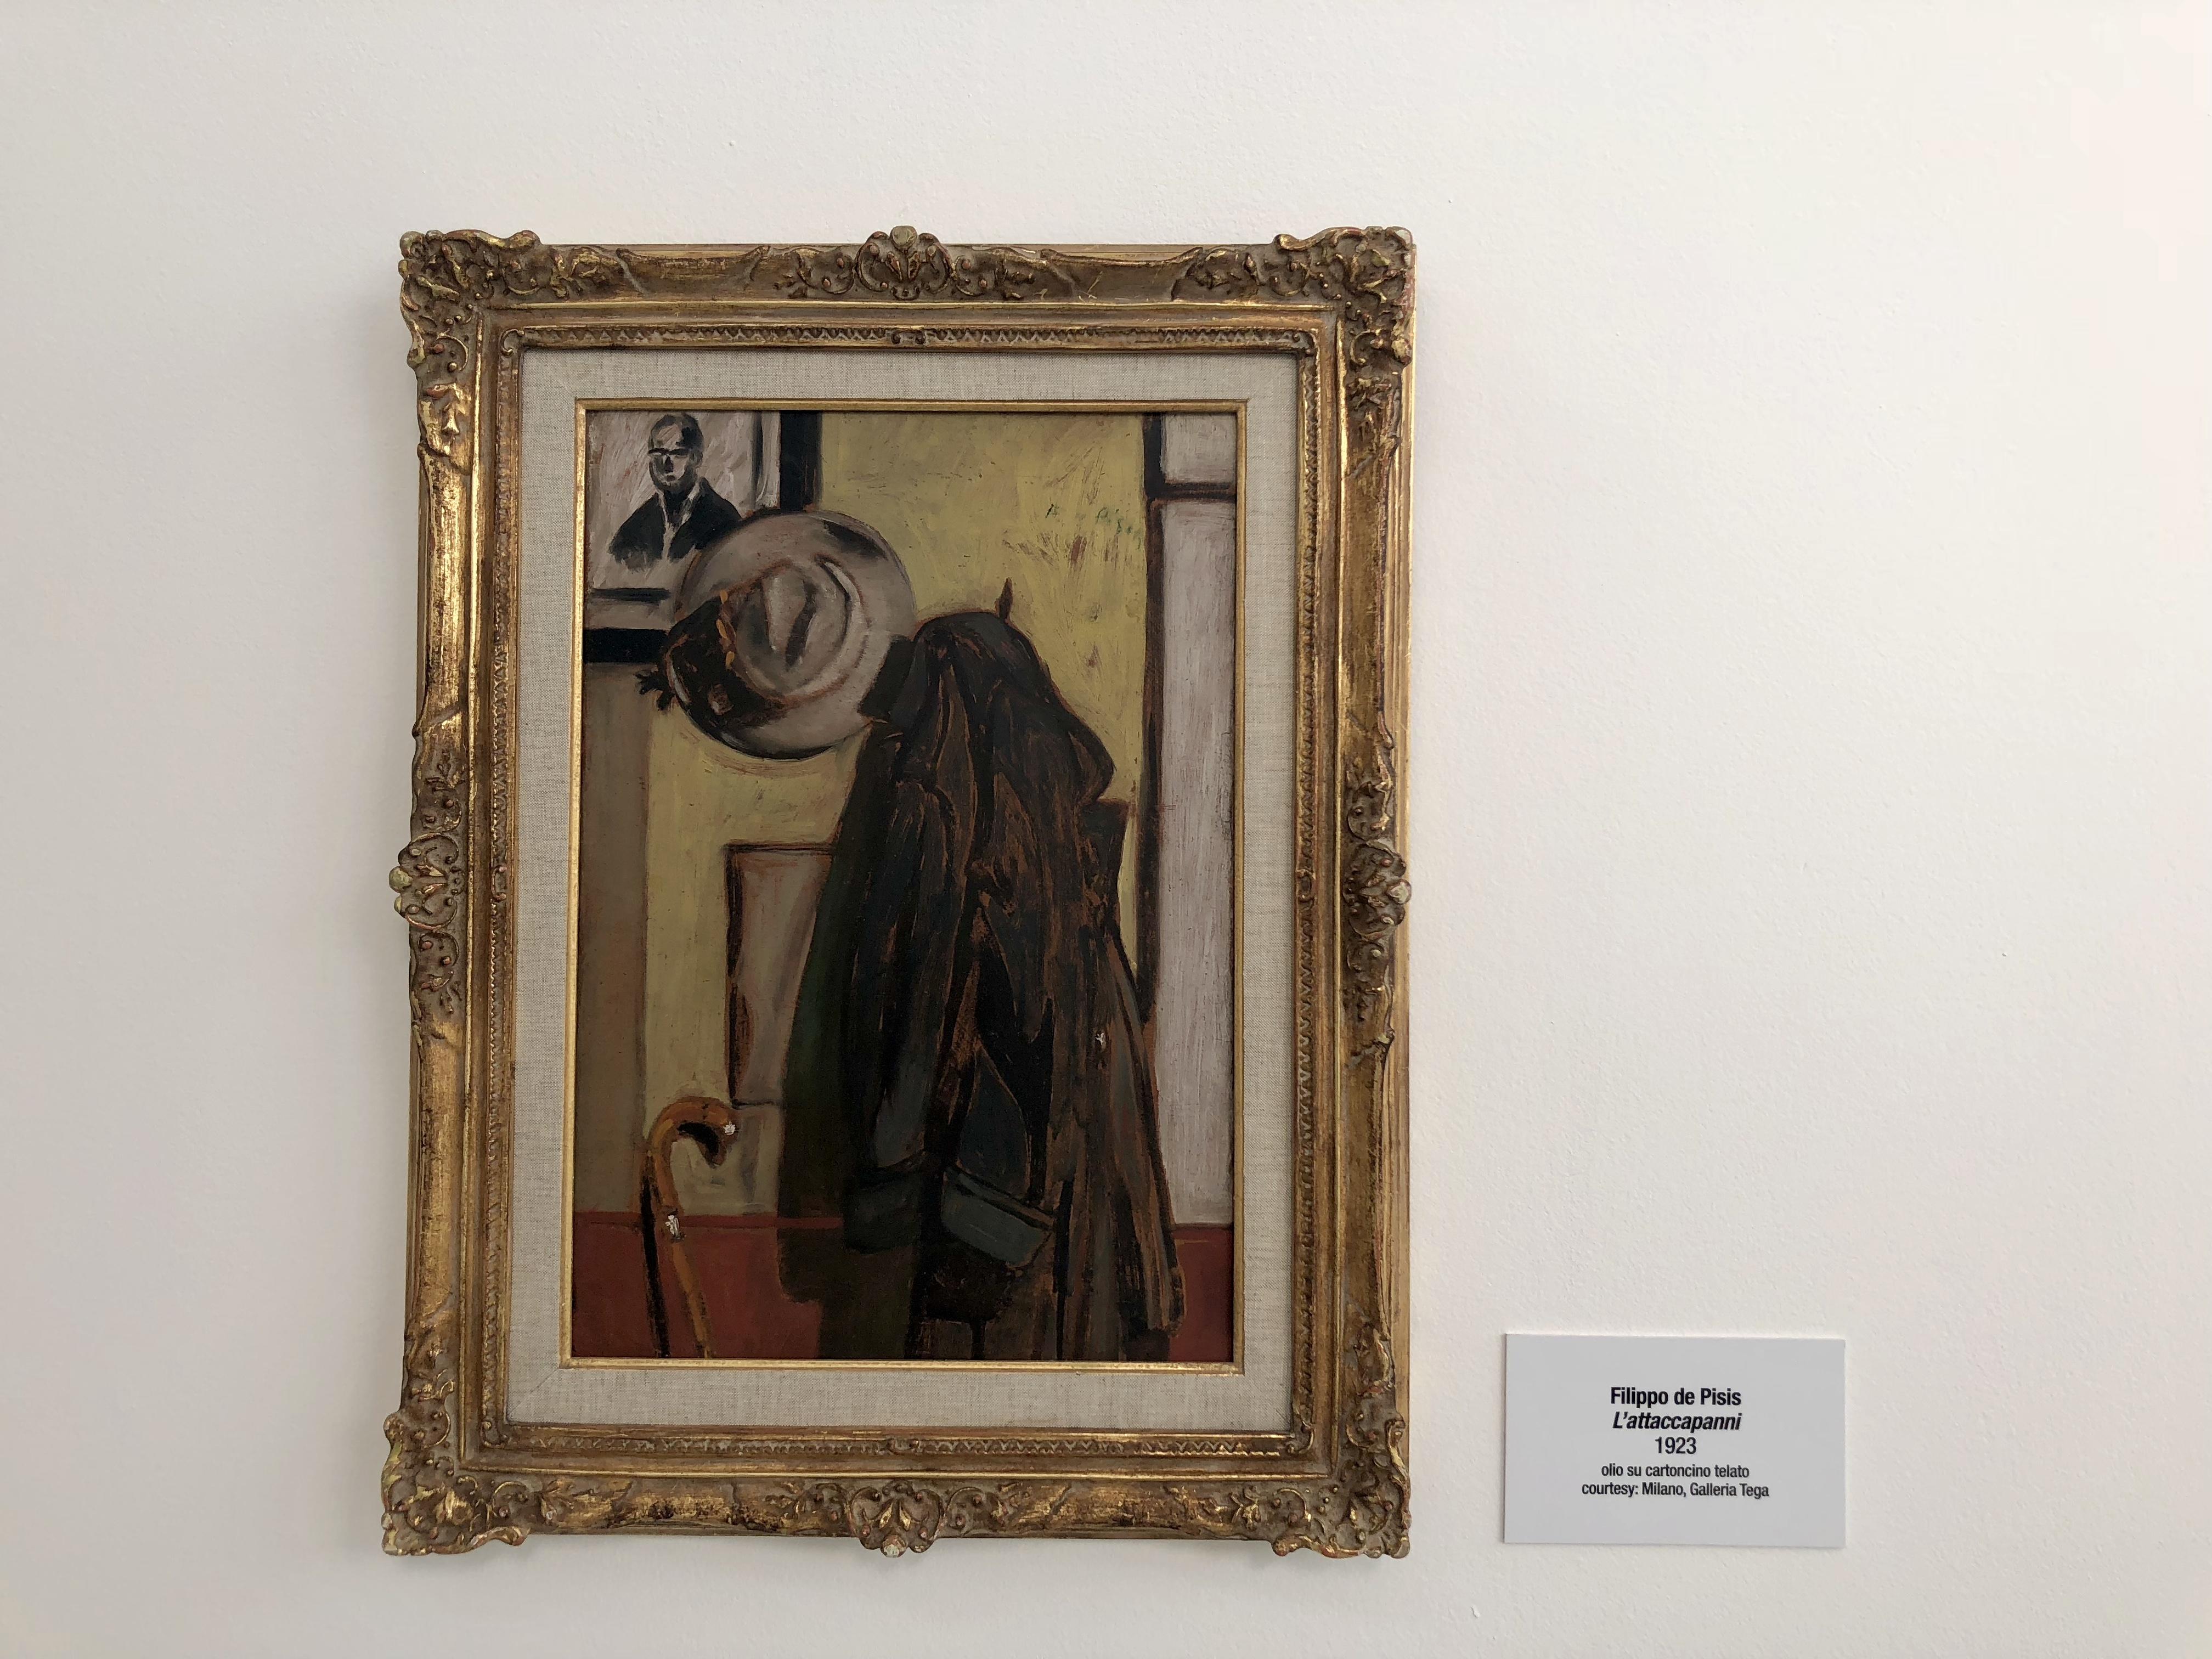 TalentiEventi_Filippo_De_Pisis_Eclettico_connoisseur_fra pittura_ musica_e_poesia_Museo_Ettore_Fico_35